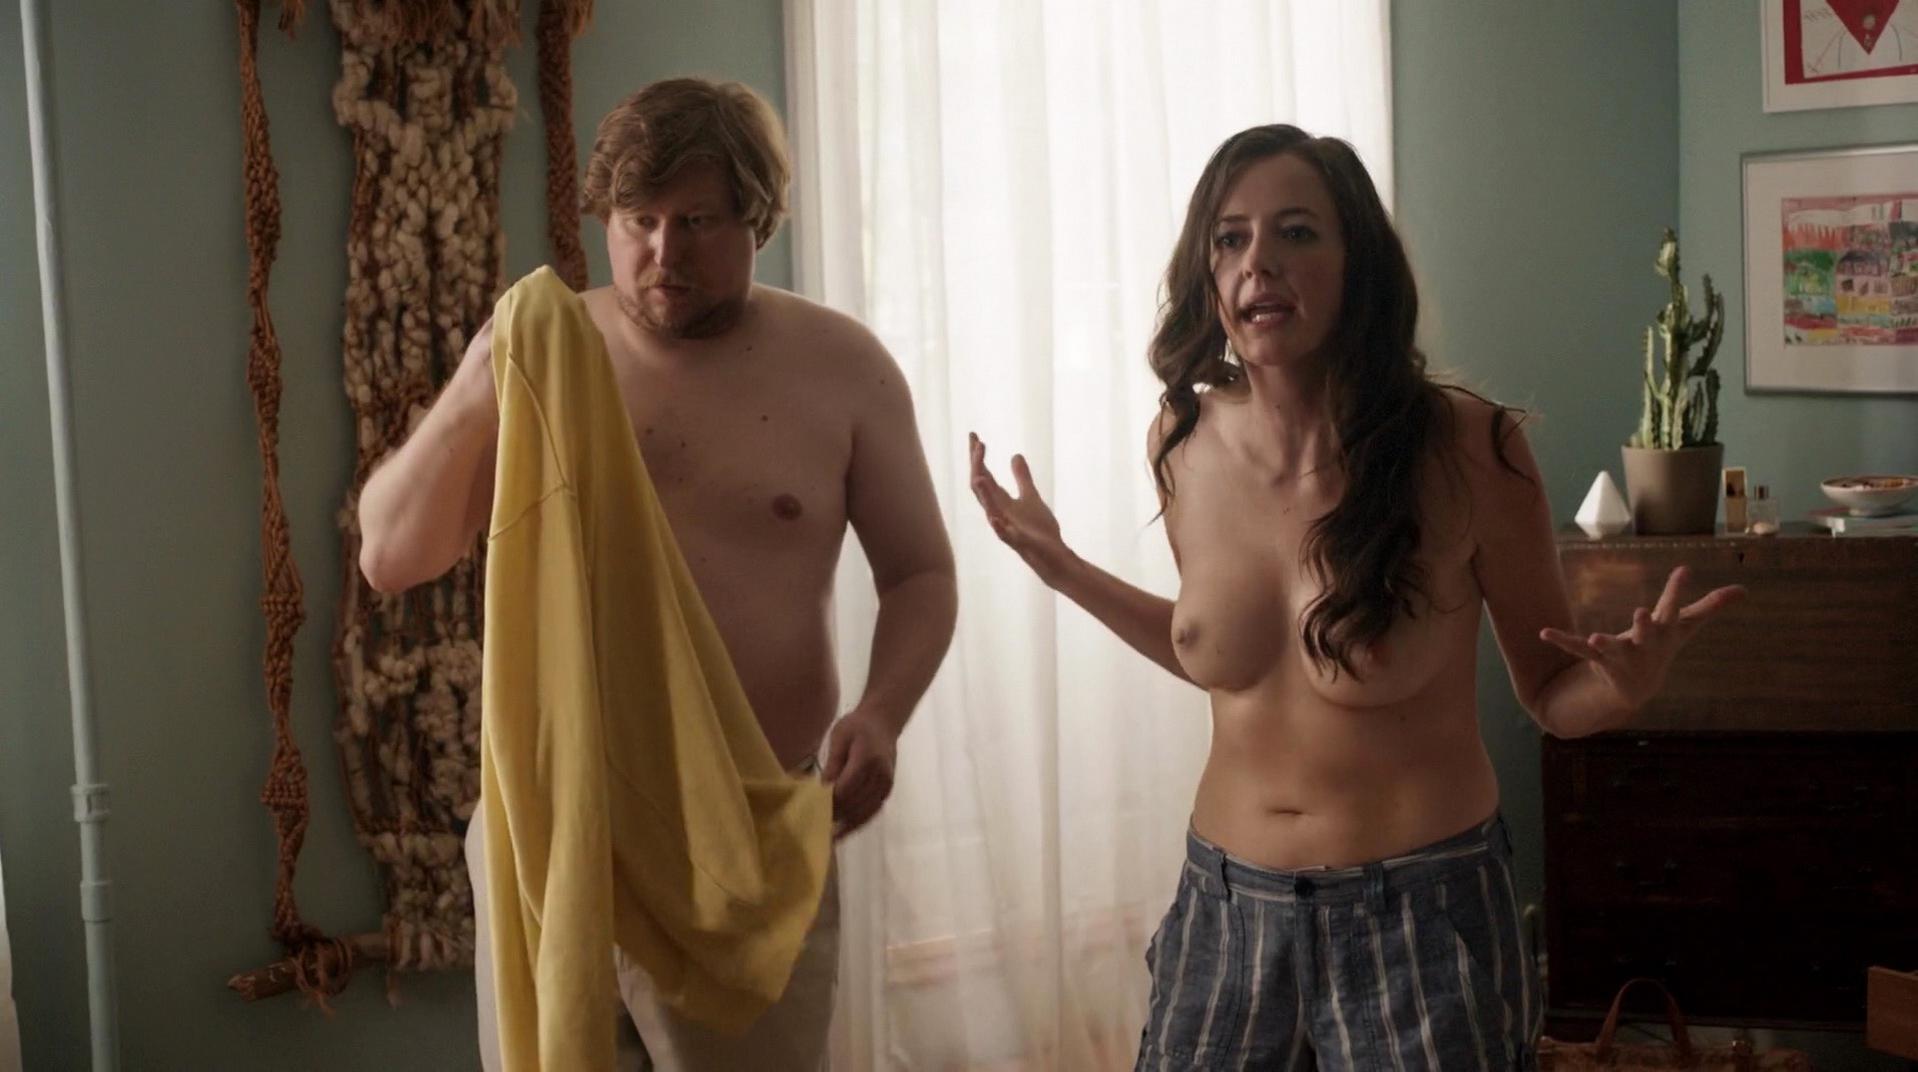 Stephanie amateur nude jacinda — pic 4